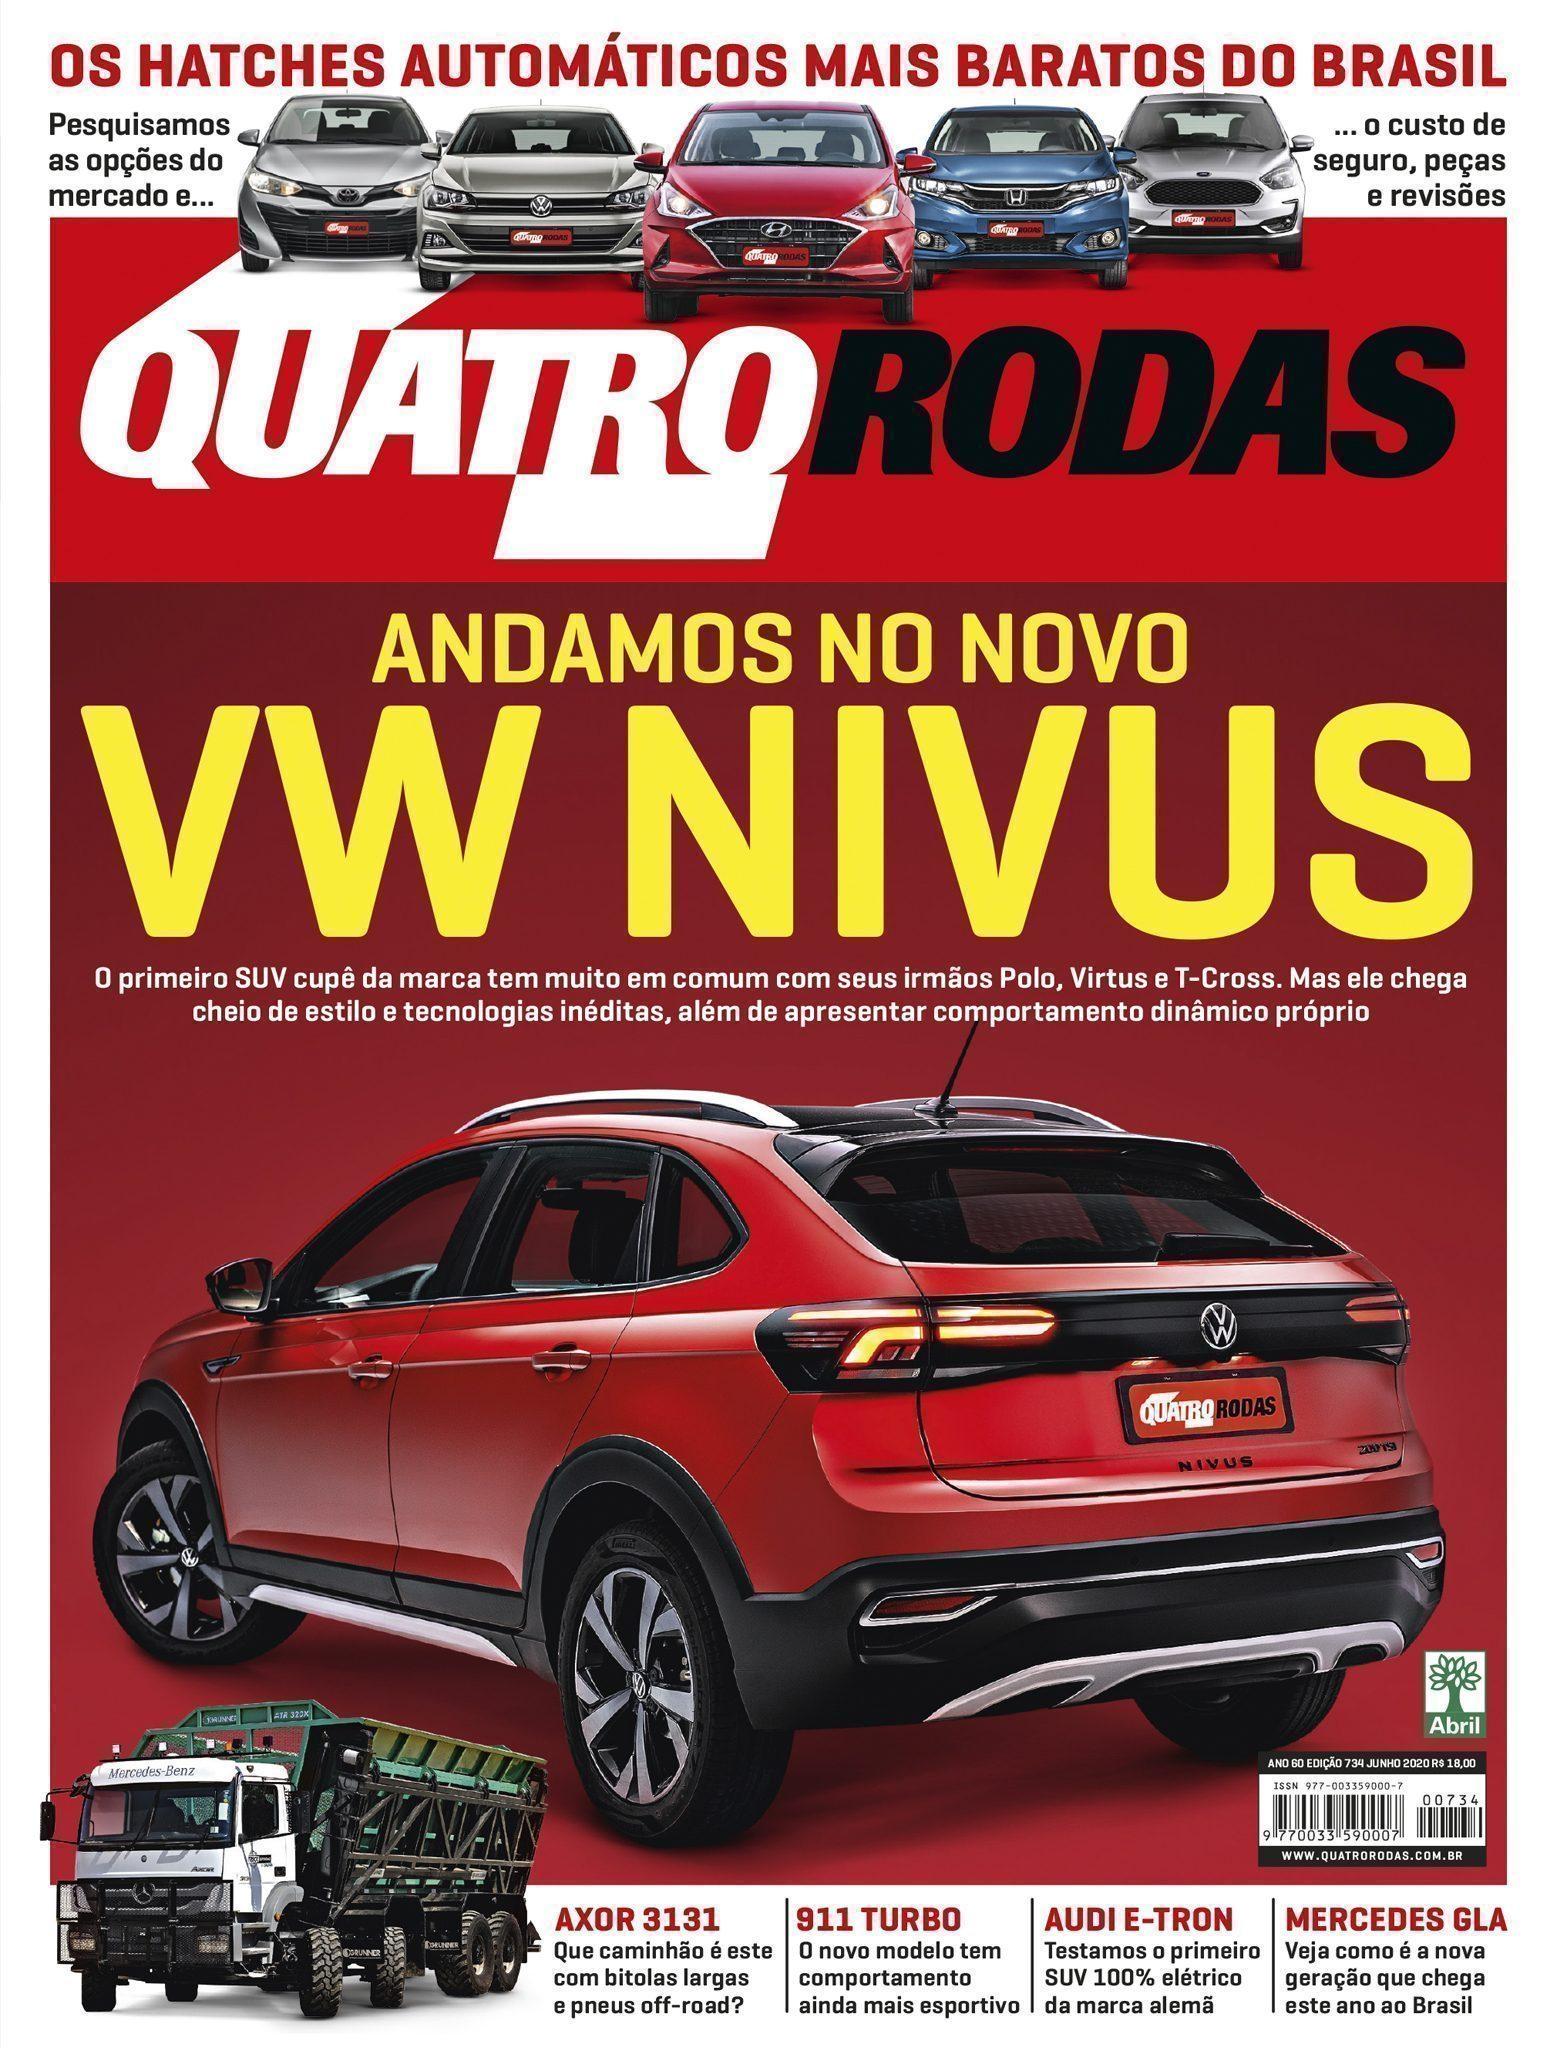 Capa da revista quatro rodas andamos no novo VW Nivus